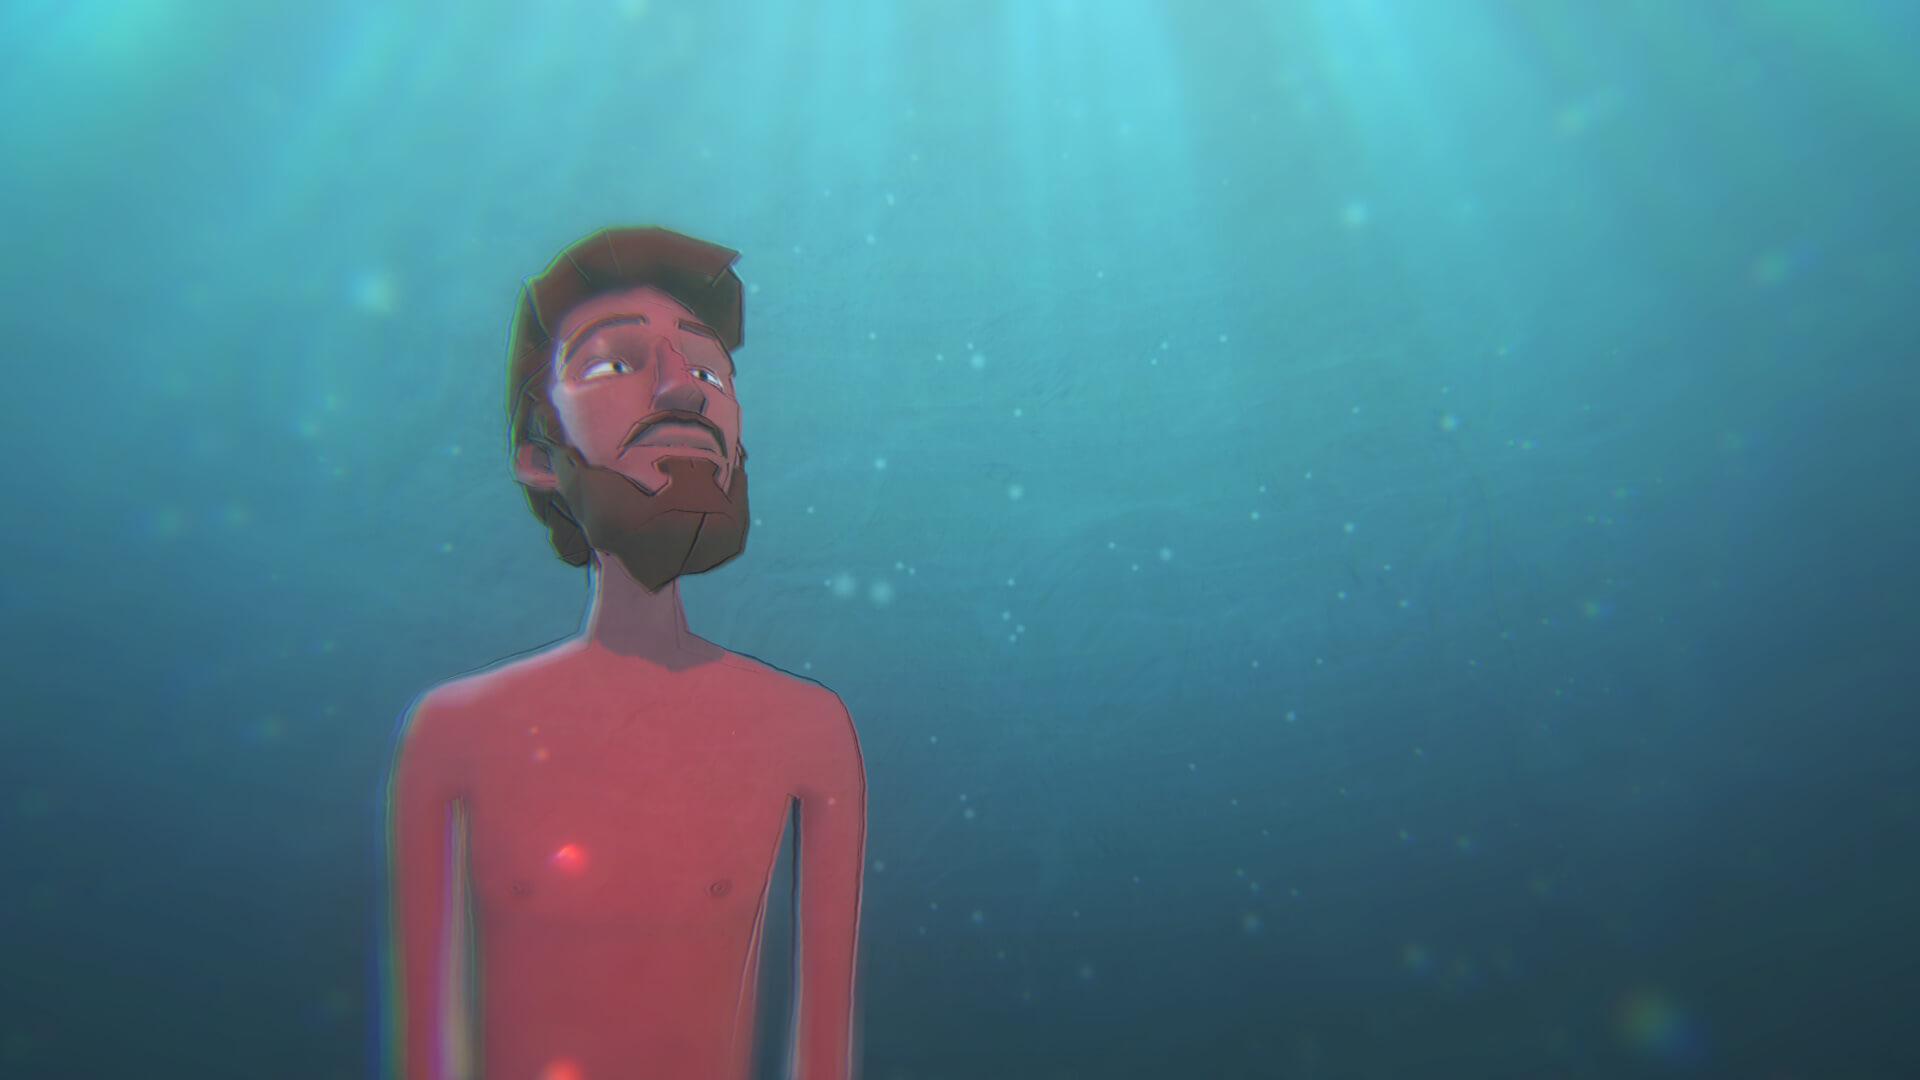 עידו הרטמן, הצל של השמש, פרט, 2019, אנימציה